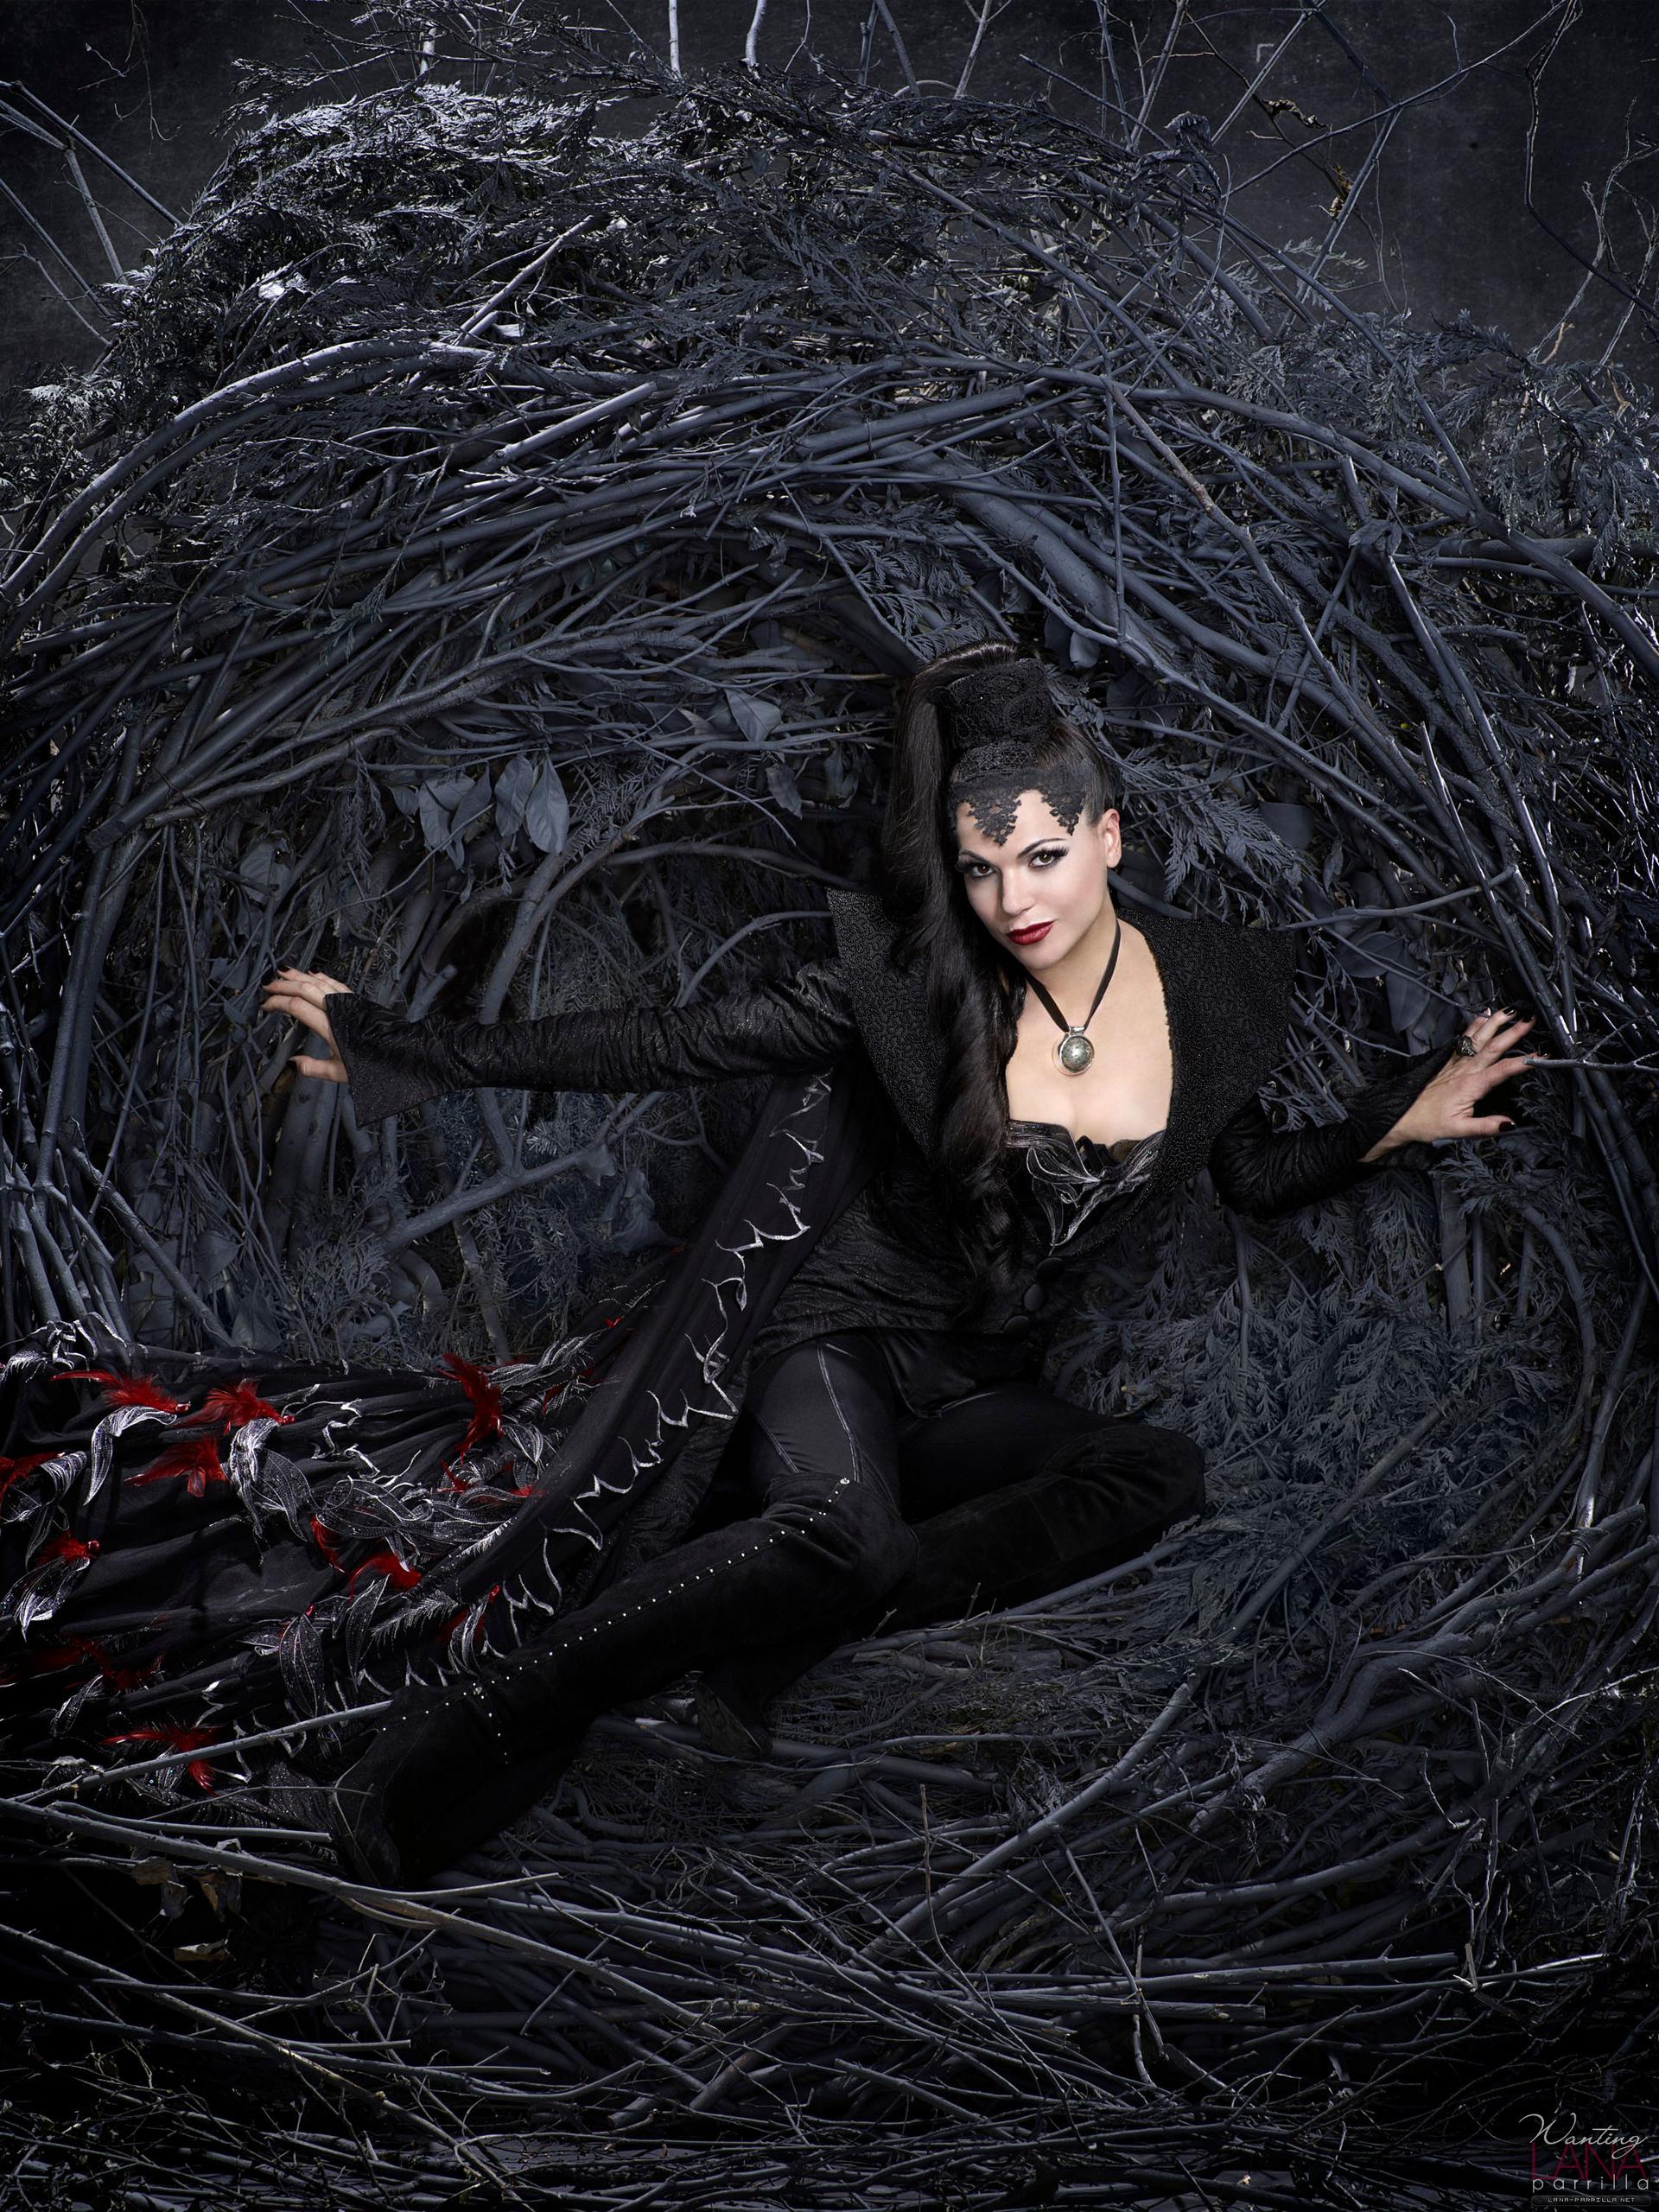 Evil Queen/Regina - Season 1 - Promo Shoots